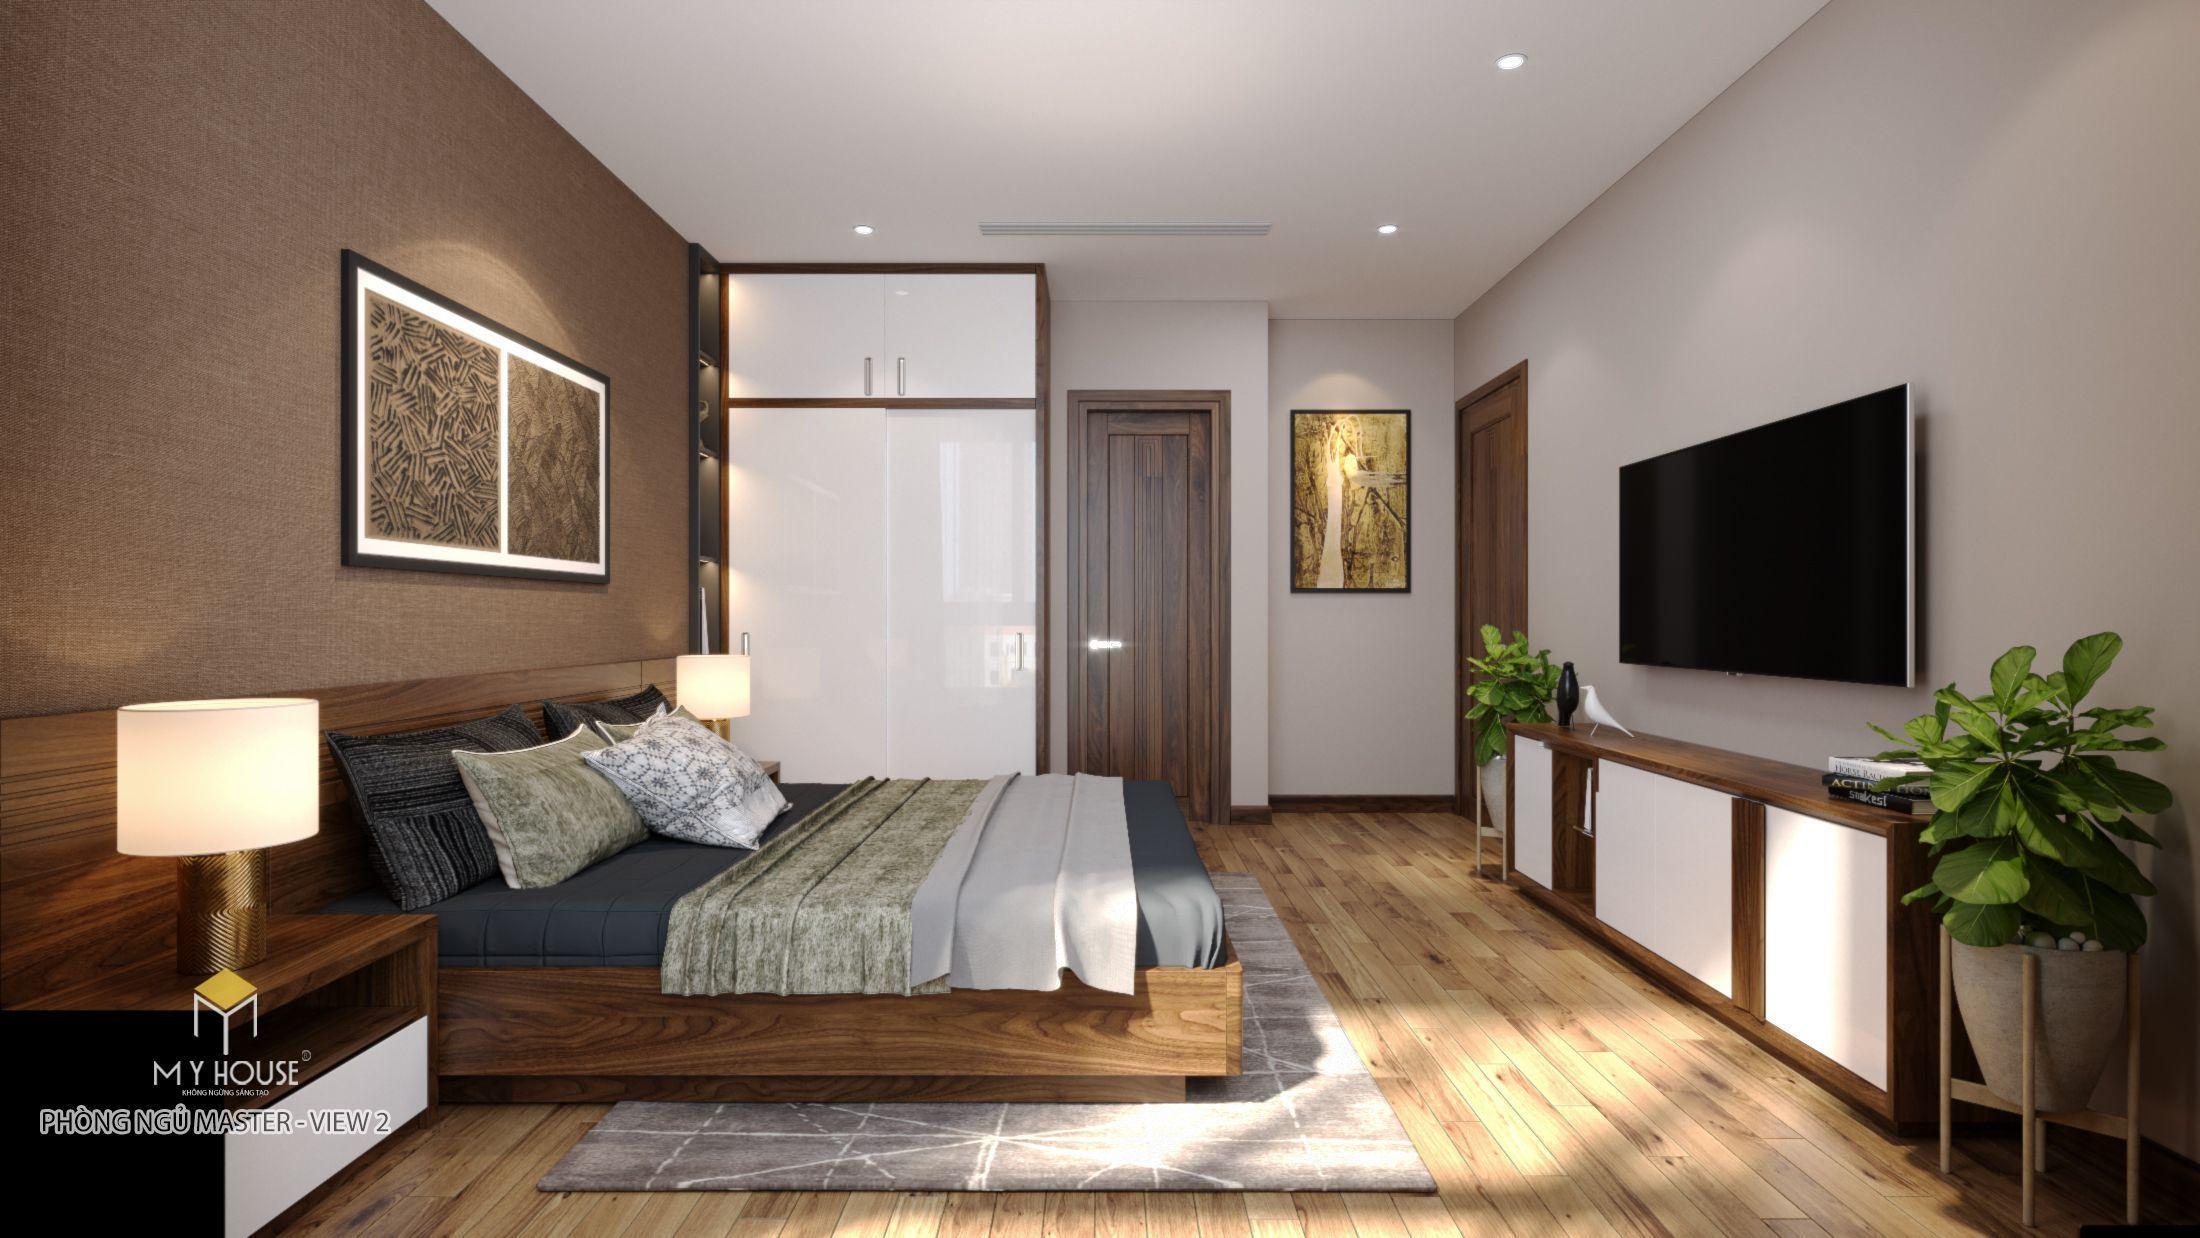 Nội thất phòng ngủ cao cấp- view 2